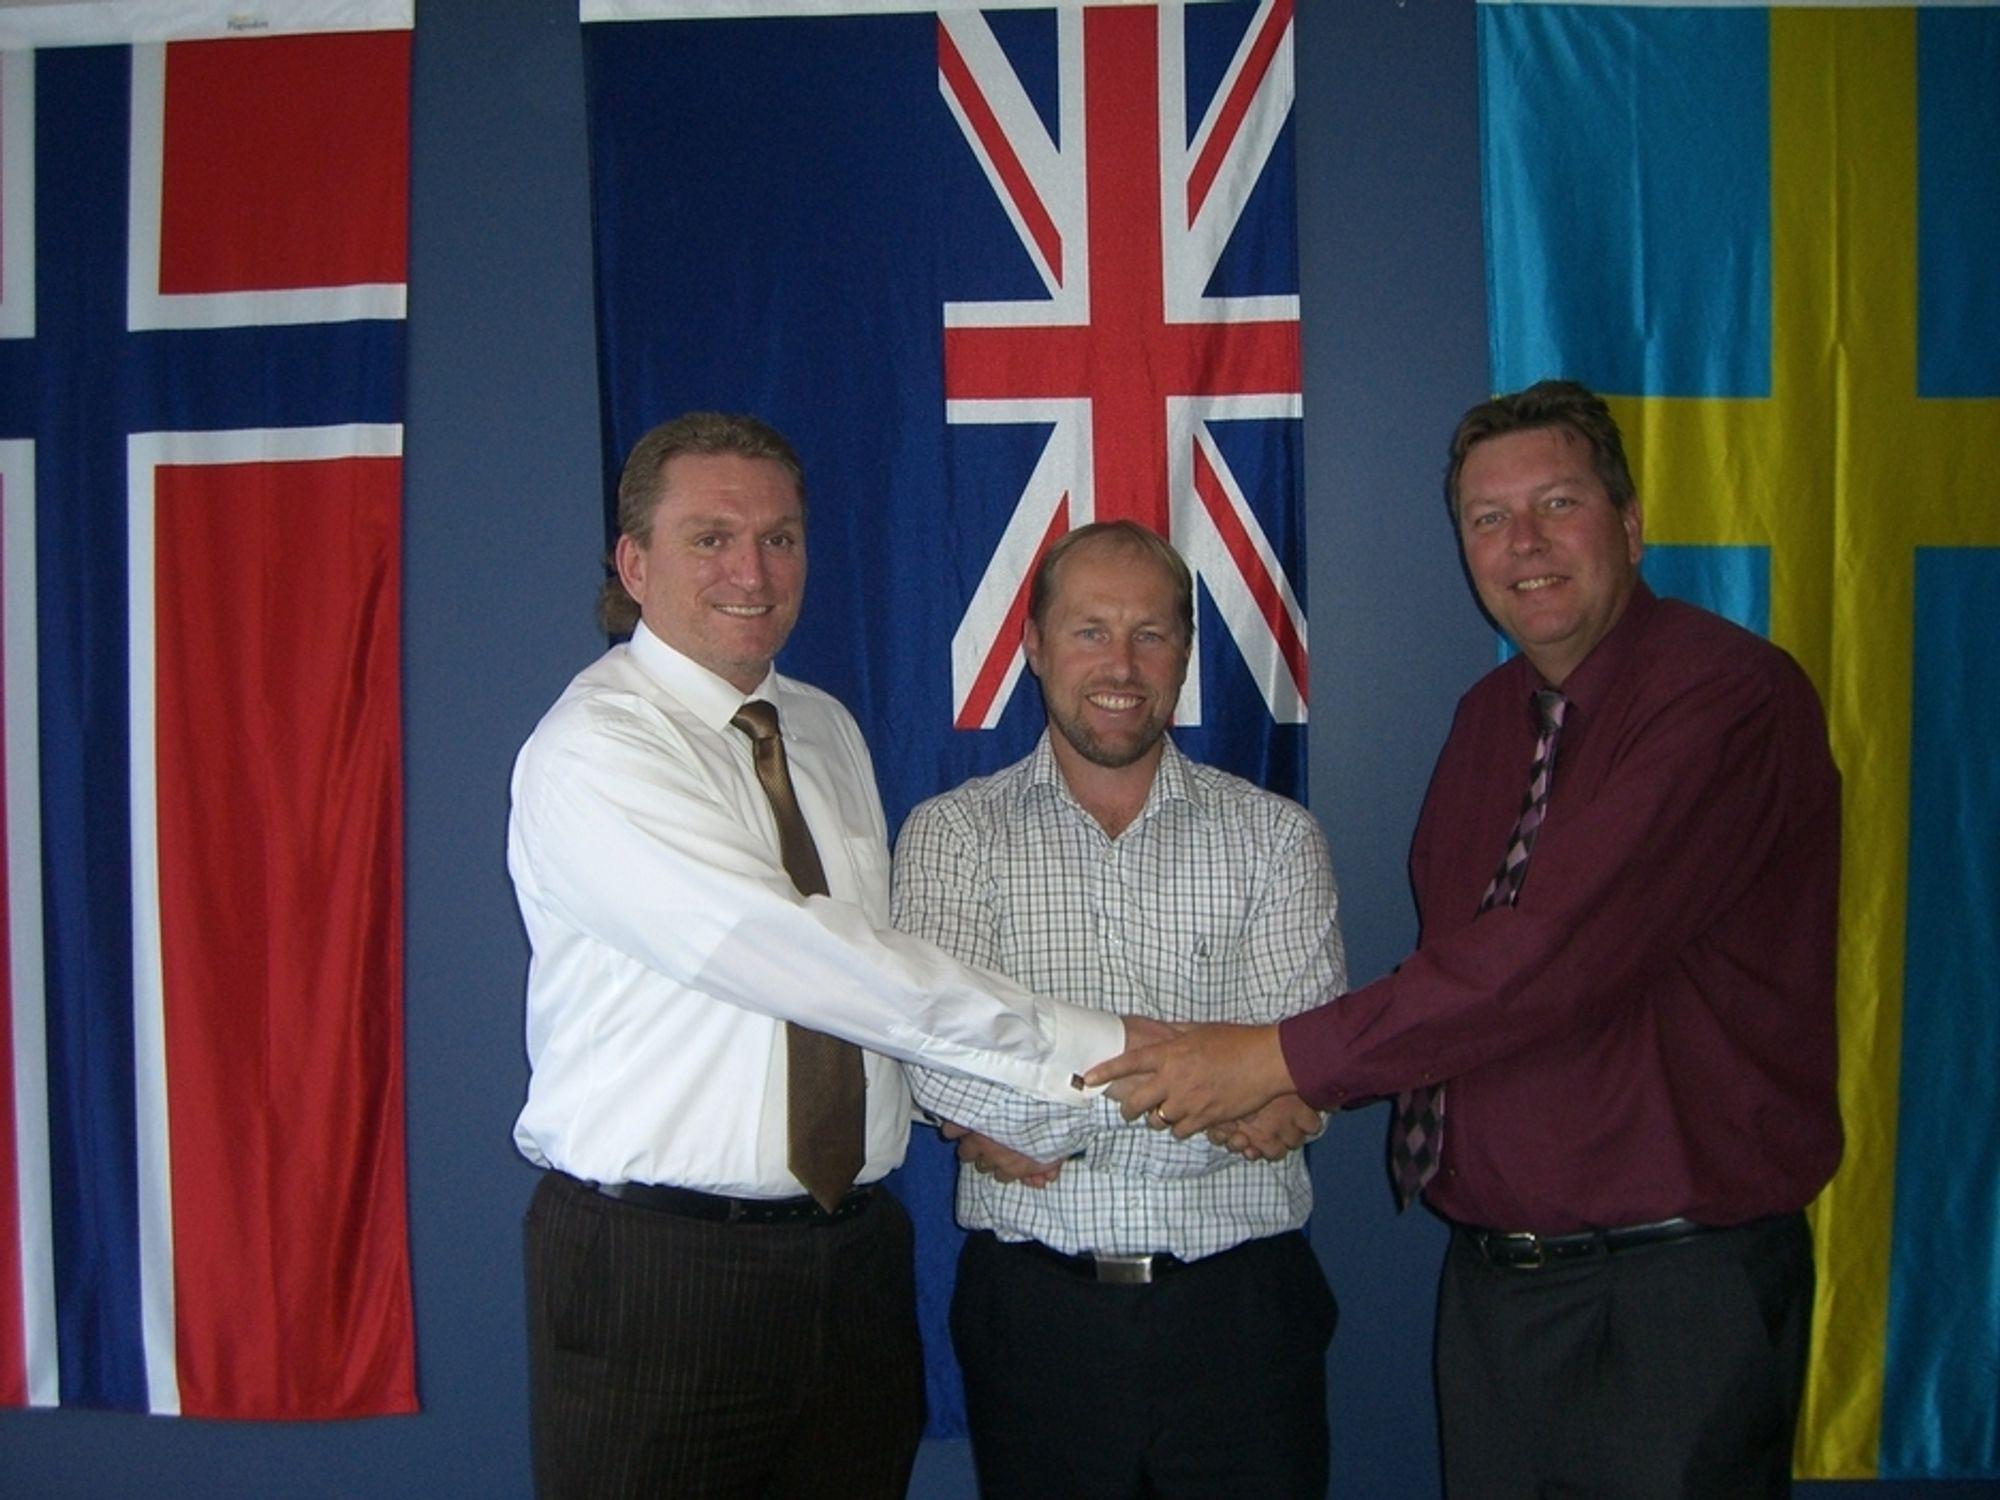 AVTALE: Styreformann i Captura, Erik Pinnås (t.v.) har vært i New Zealand for å møte den nye partneren Datacol, her representert ved gründer Grant Thornton (midten), og Lars Erik Stjärnhage som er administrerende direktør for Datacol Mobile Solutions.